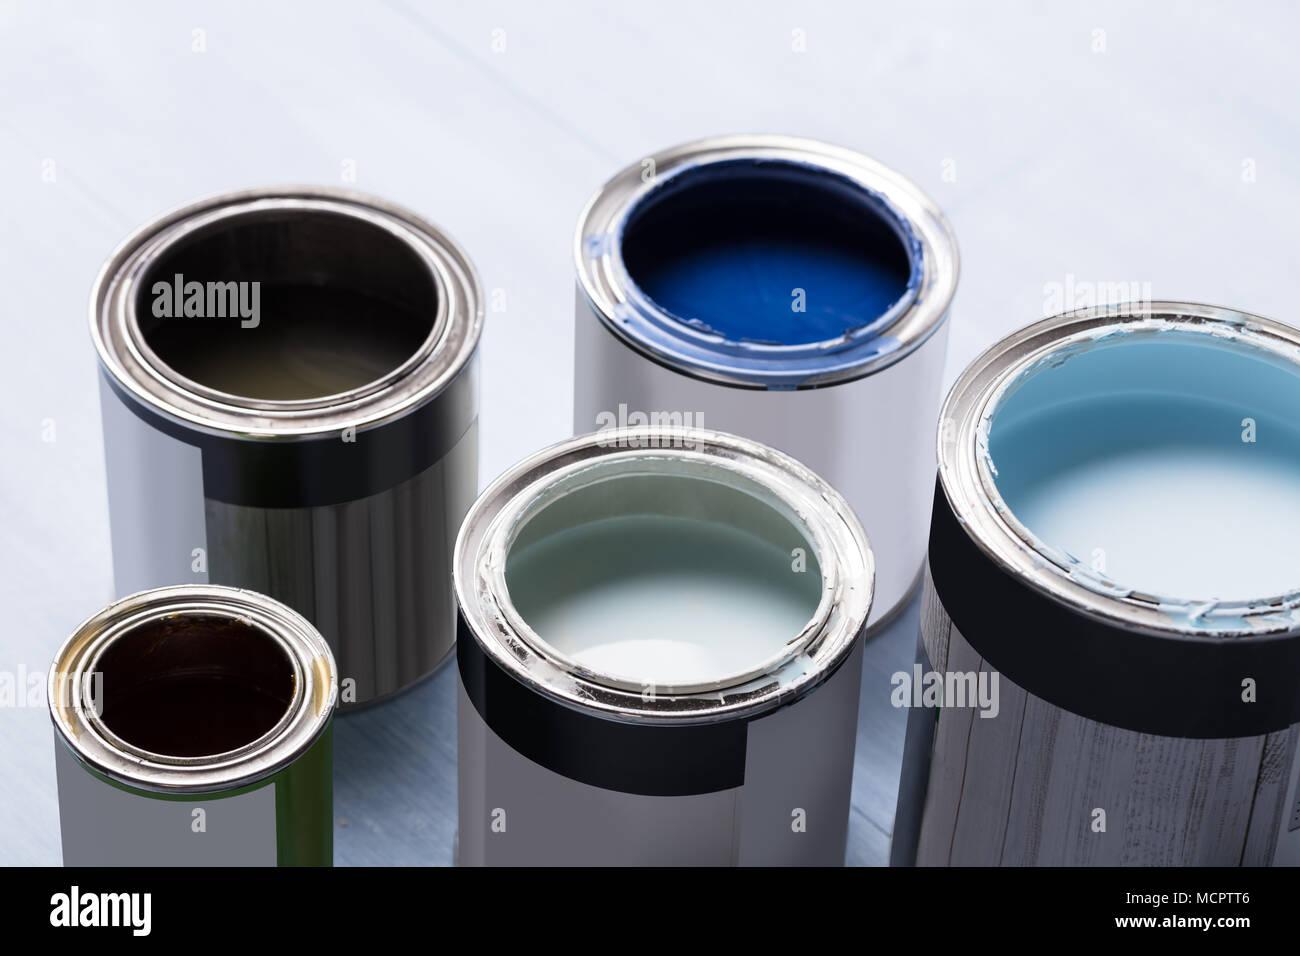 Photo D Ouvrir Les Pots De Peinture Sur Planche En Bois Photo Stock Alamy